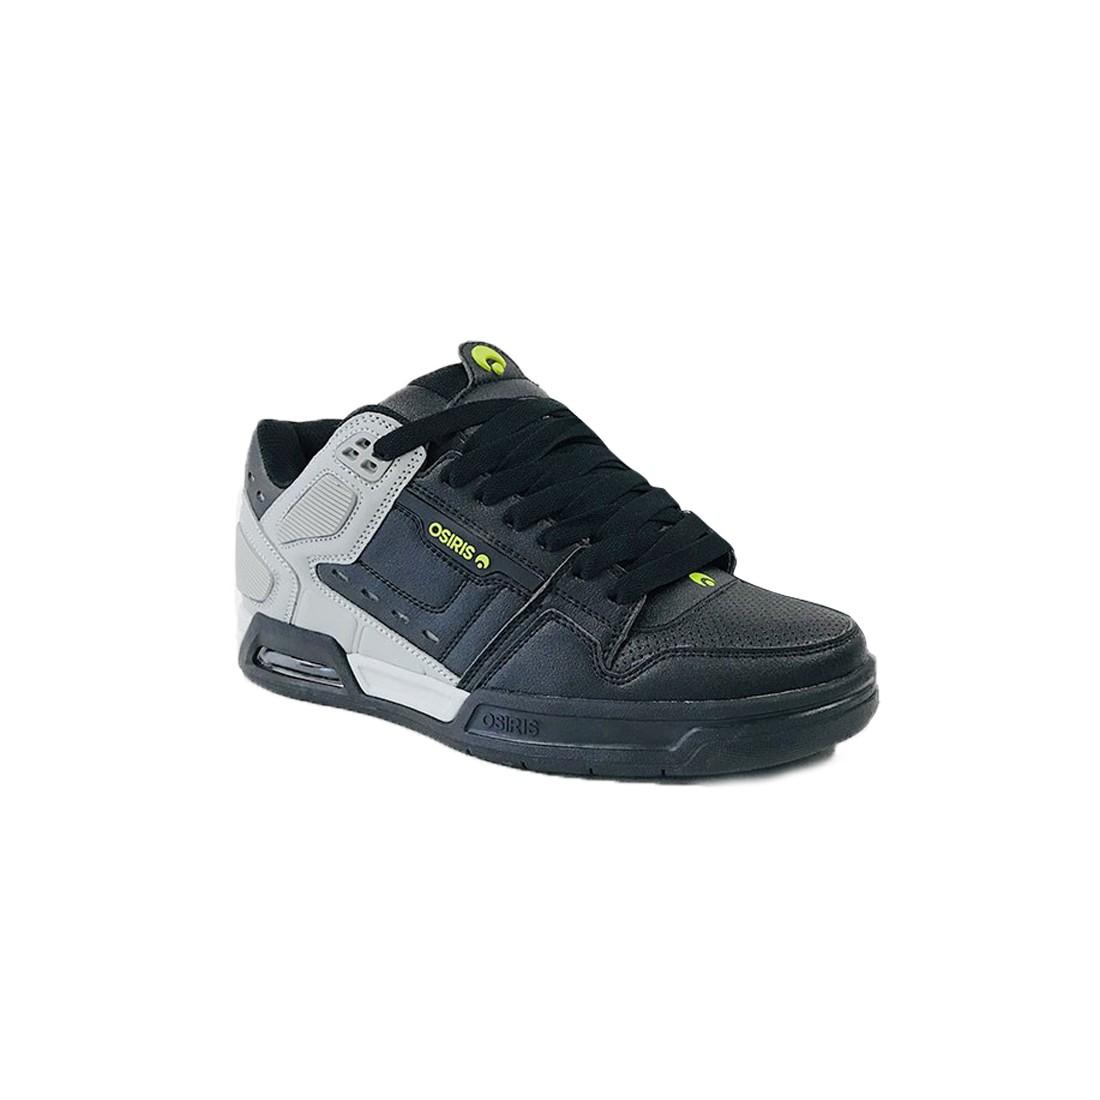 PERIL light grey black lime